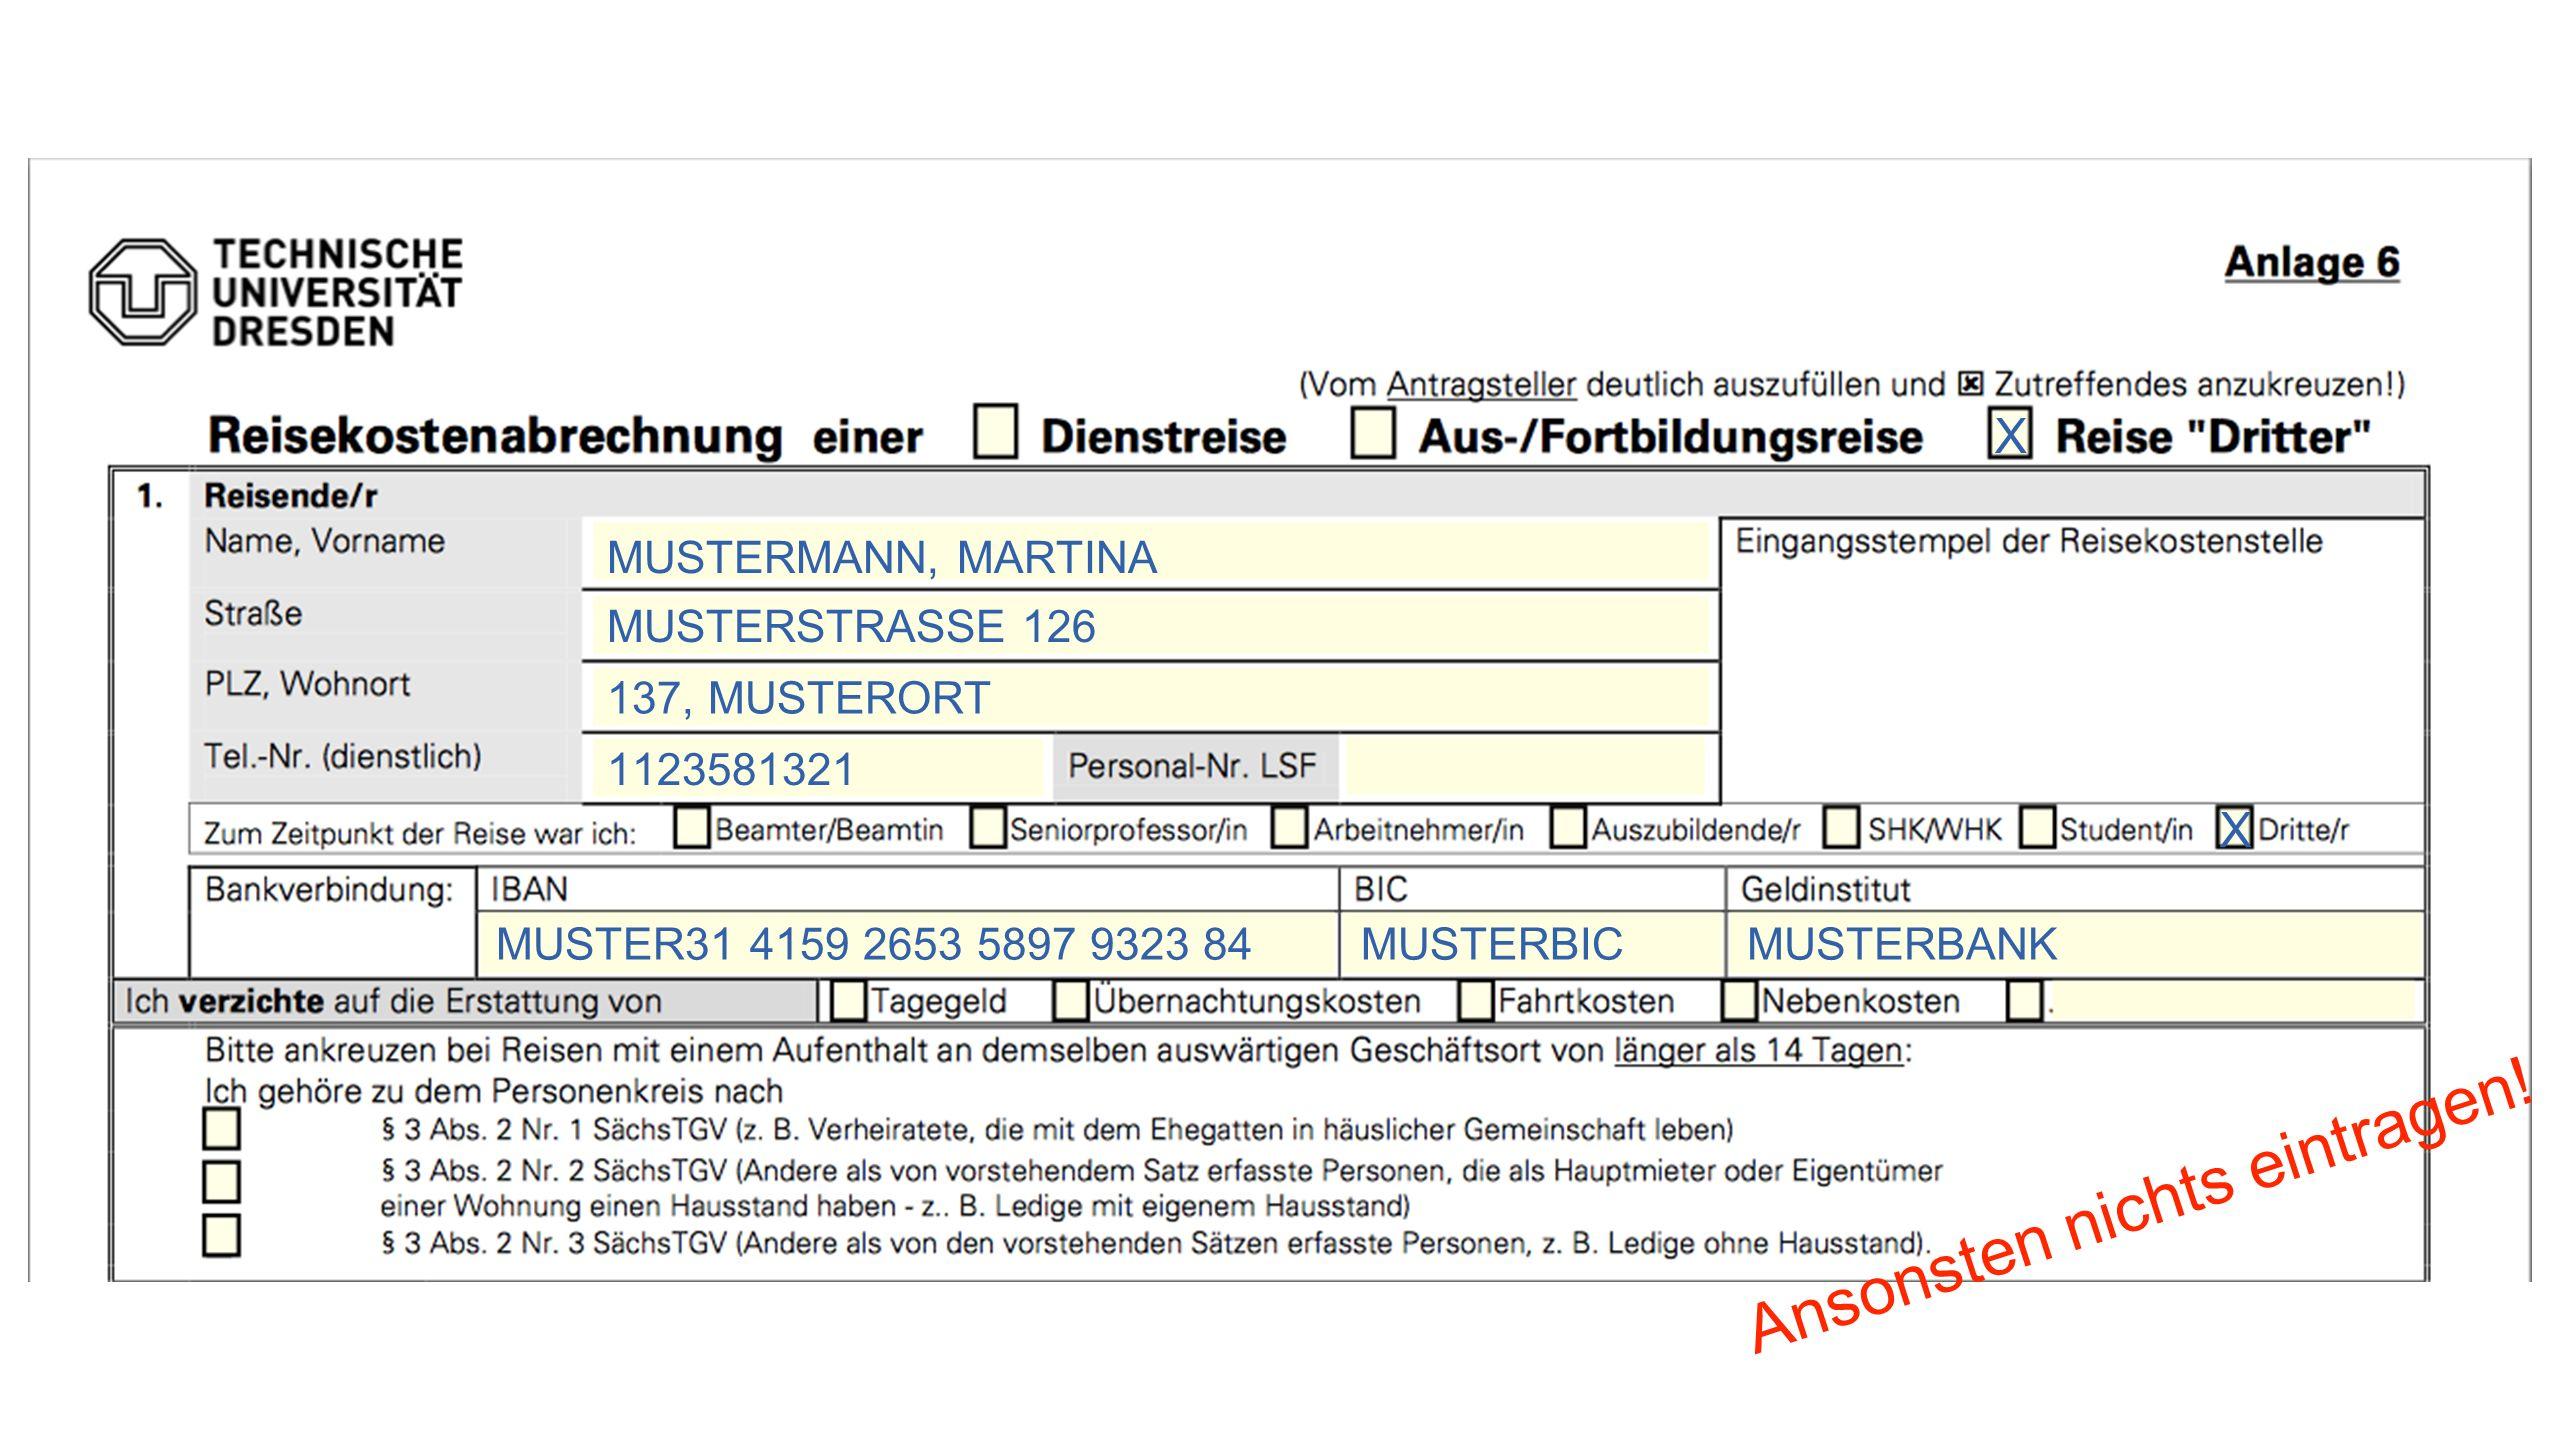 X MUSTERMANN, MARTINA MUSTERSTRASSE 126 137, MUSTERORT 1123581321 X MUSTER31 4159 2653 5897 9323 84MUSTERBICMUSTERBANK Ansonsten nichts eintragen!